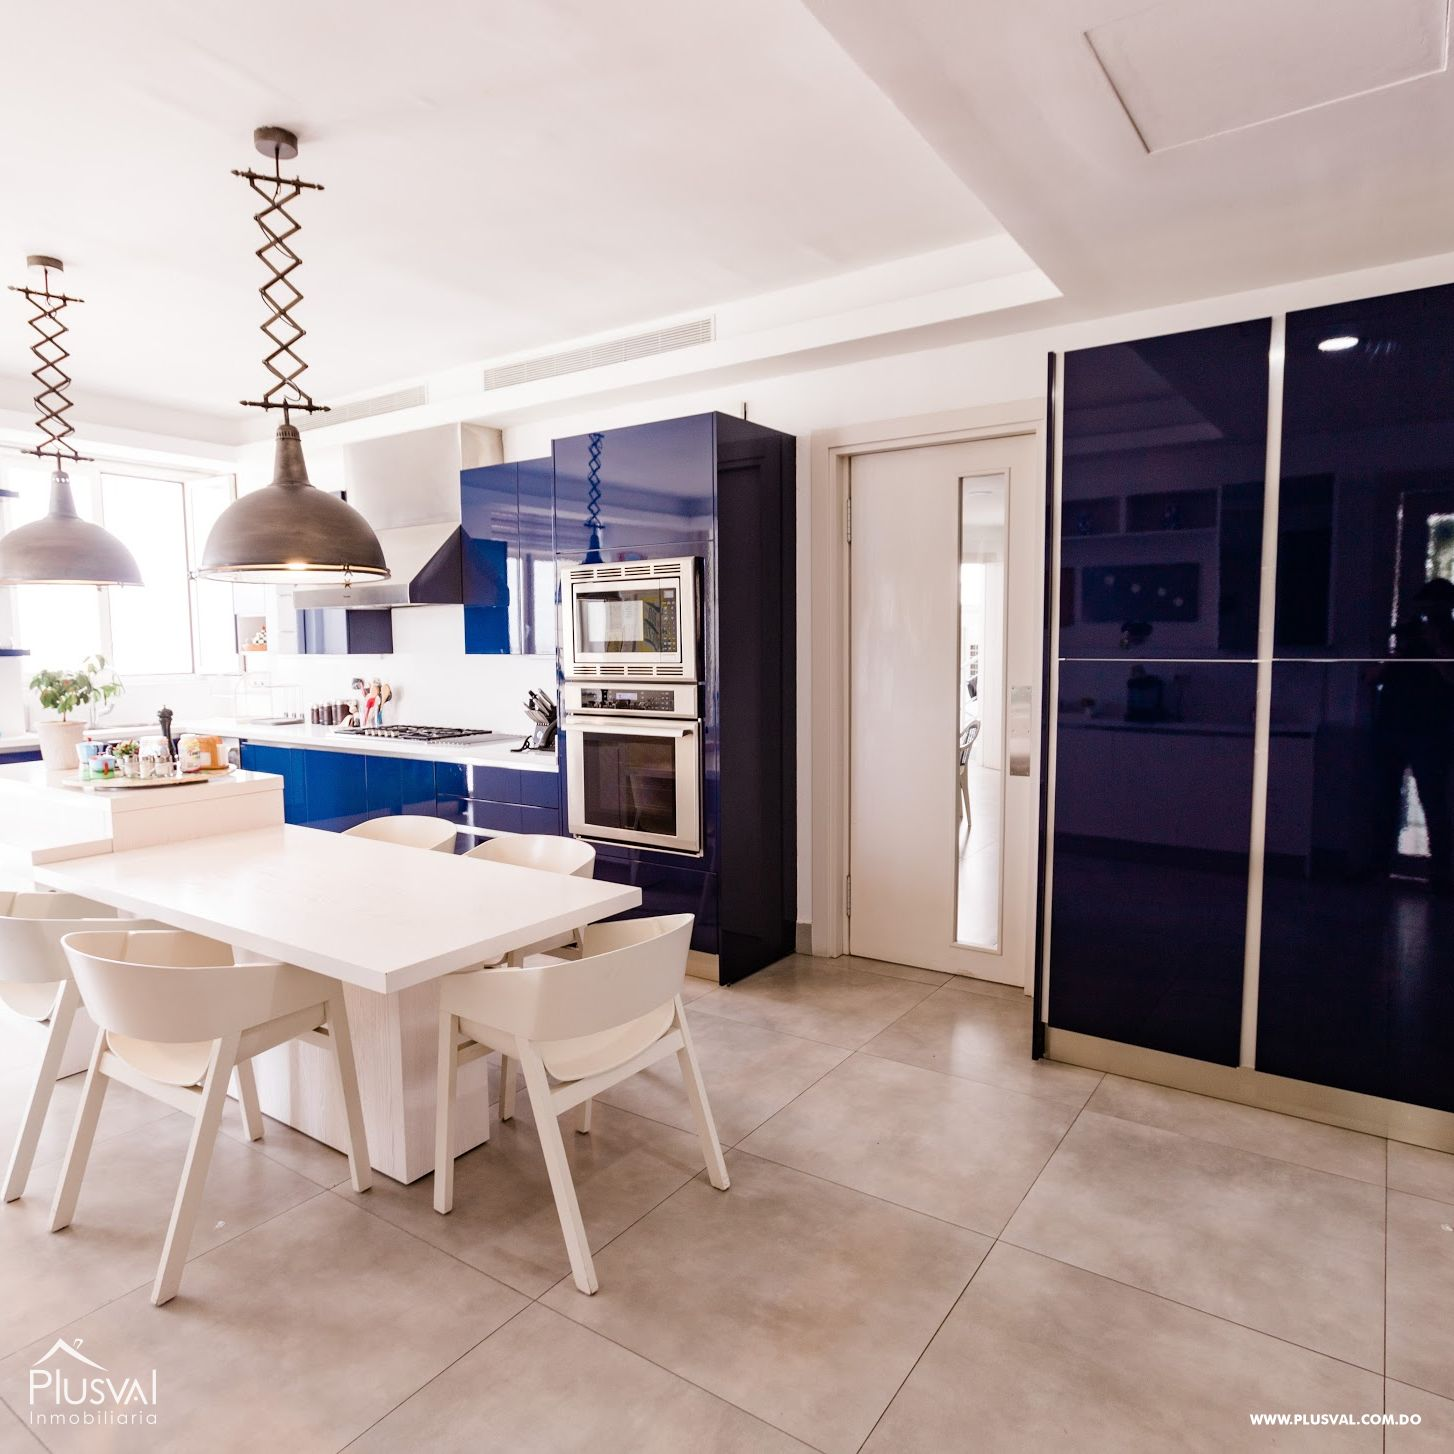 Amplio y lujoso apartamento en venta en Piantini con preciosa vista y terminaciones modernas.